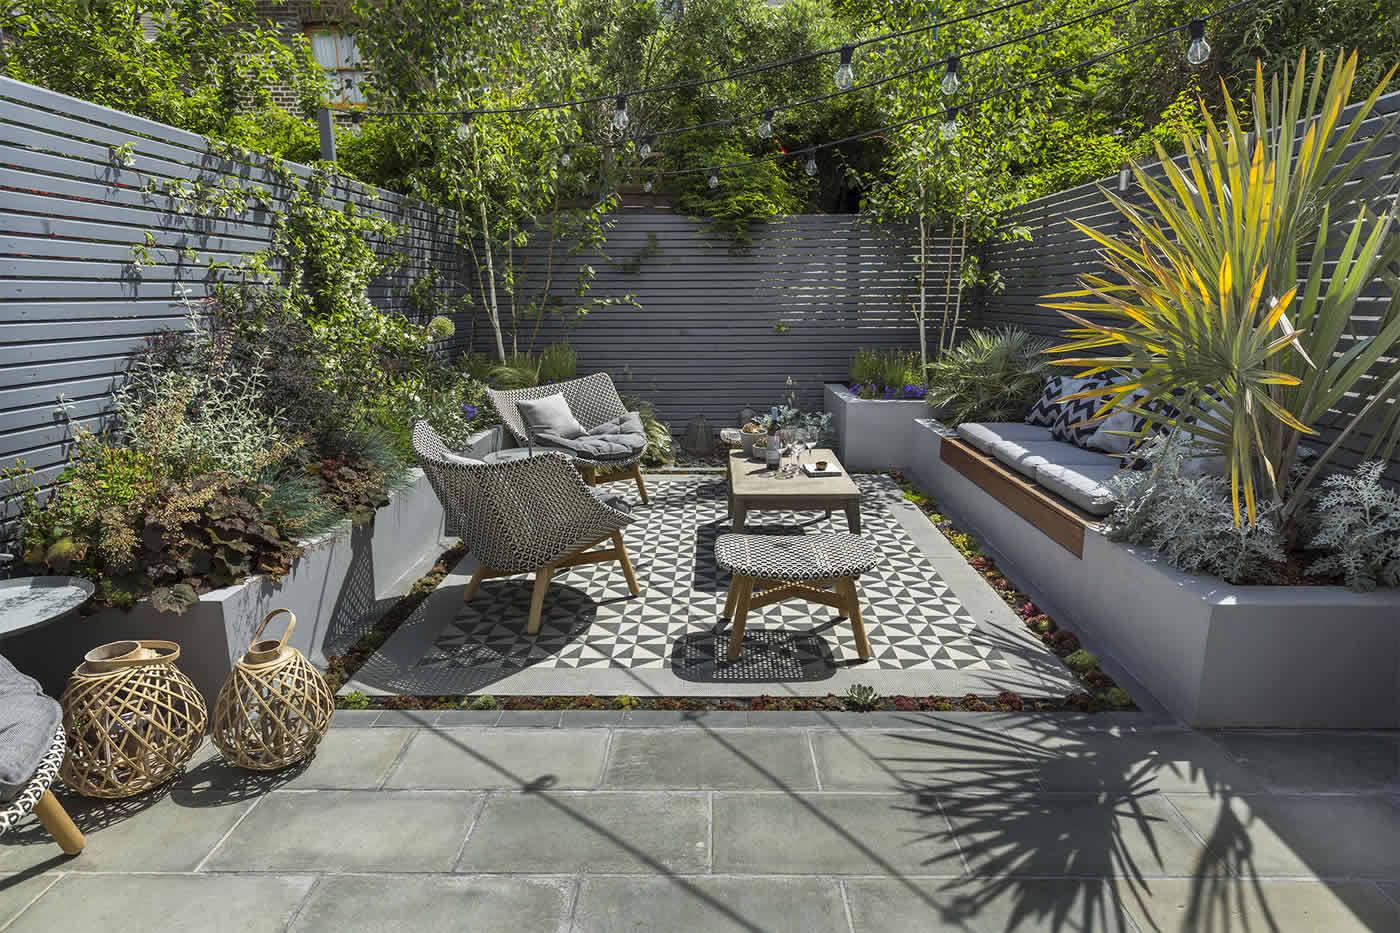 Kensington courtyard garden design living green walls for Small private garden ideas